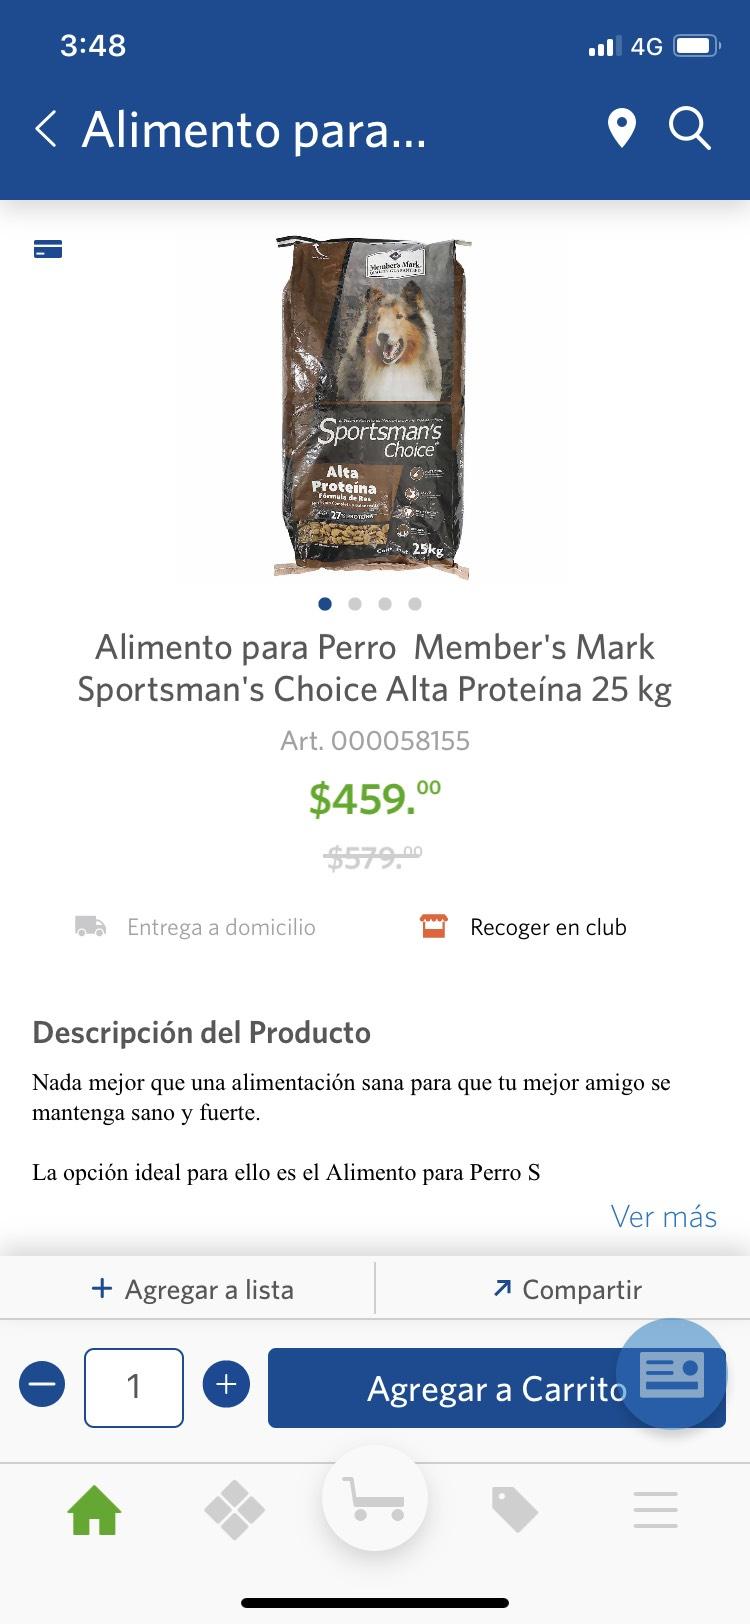 Sam's Club: Alimento para Perro Member's Mark Sportsman's Choice Alta Proteína 25 kg